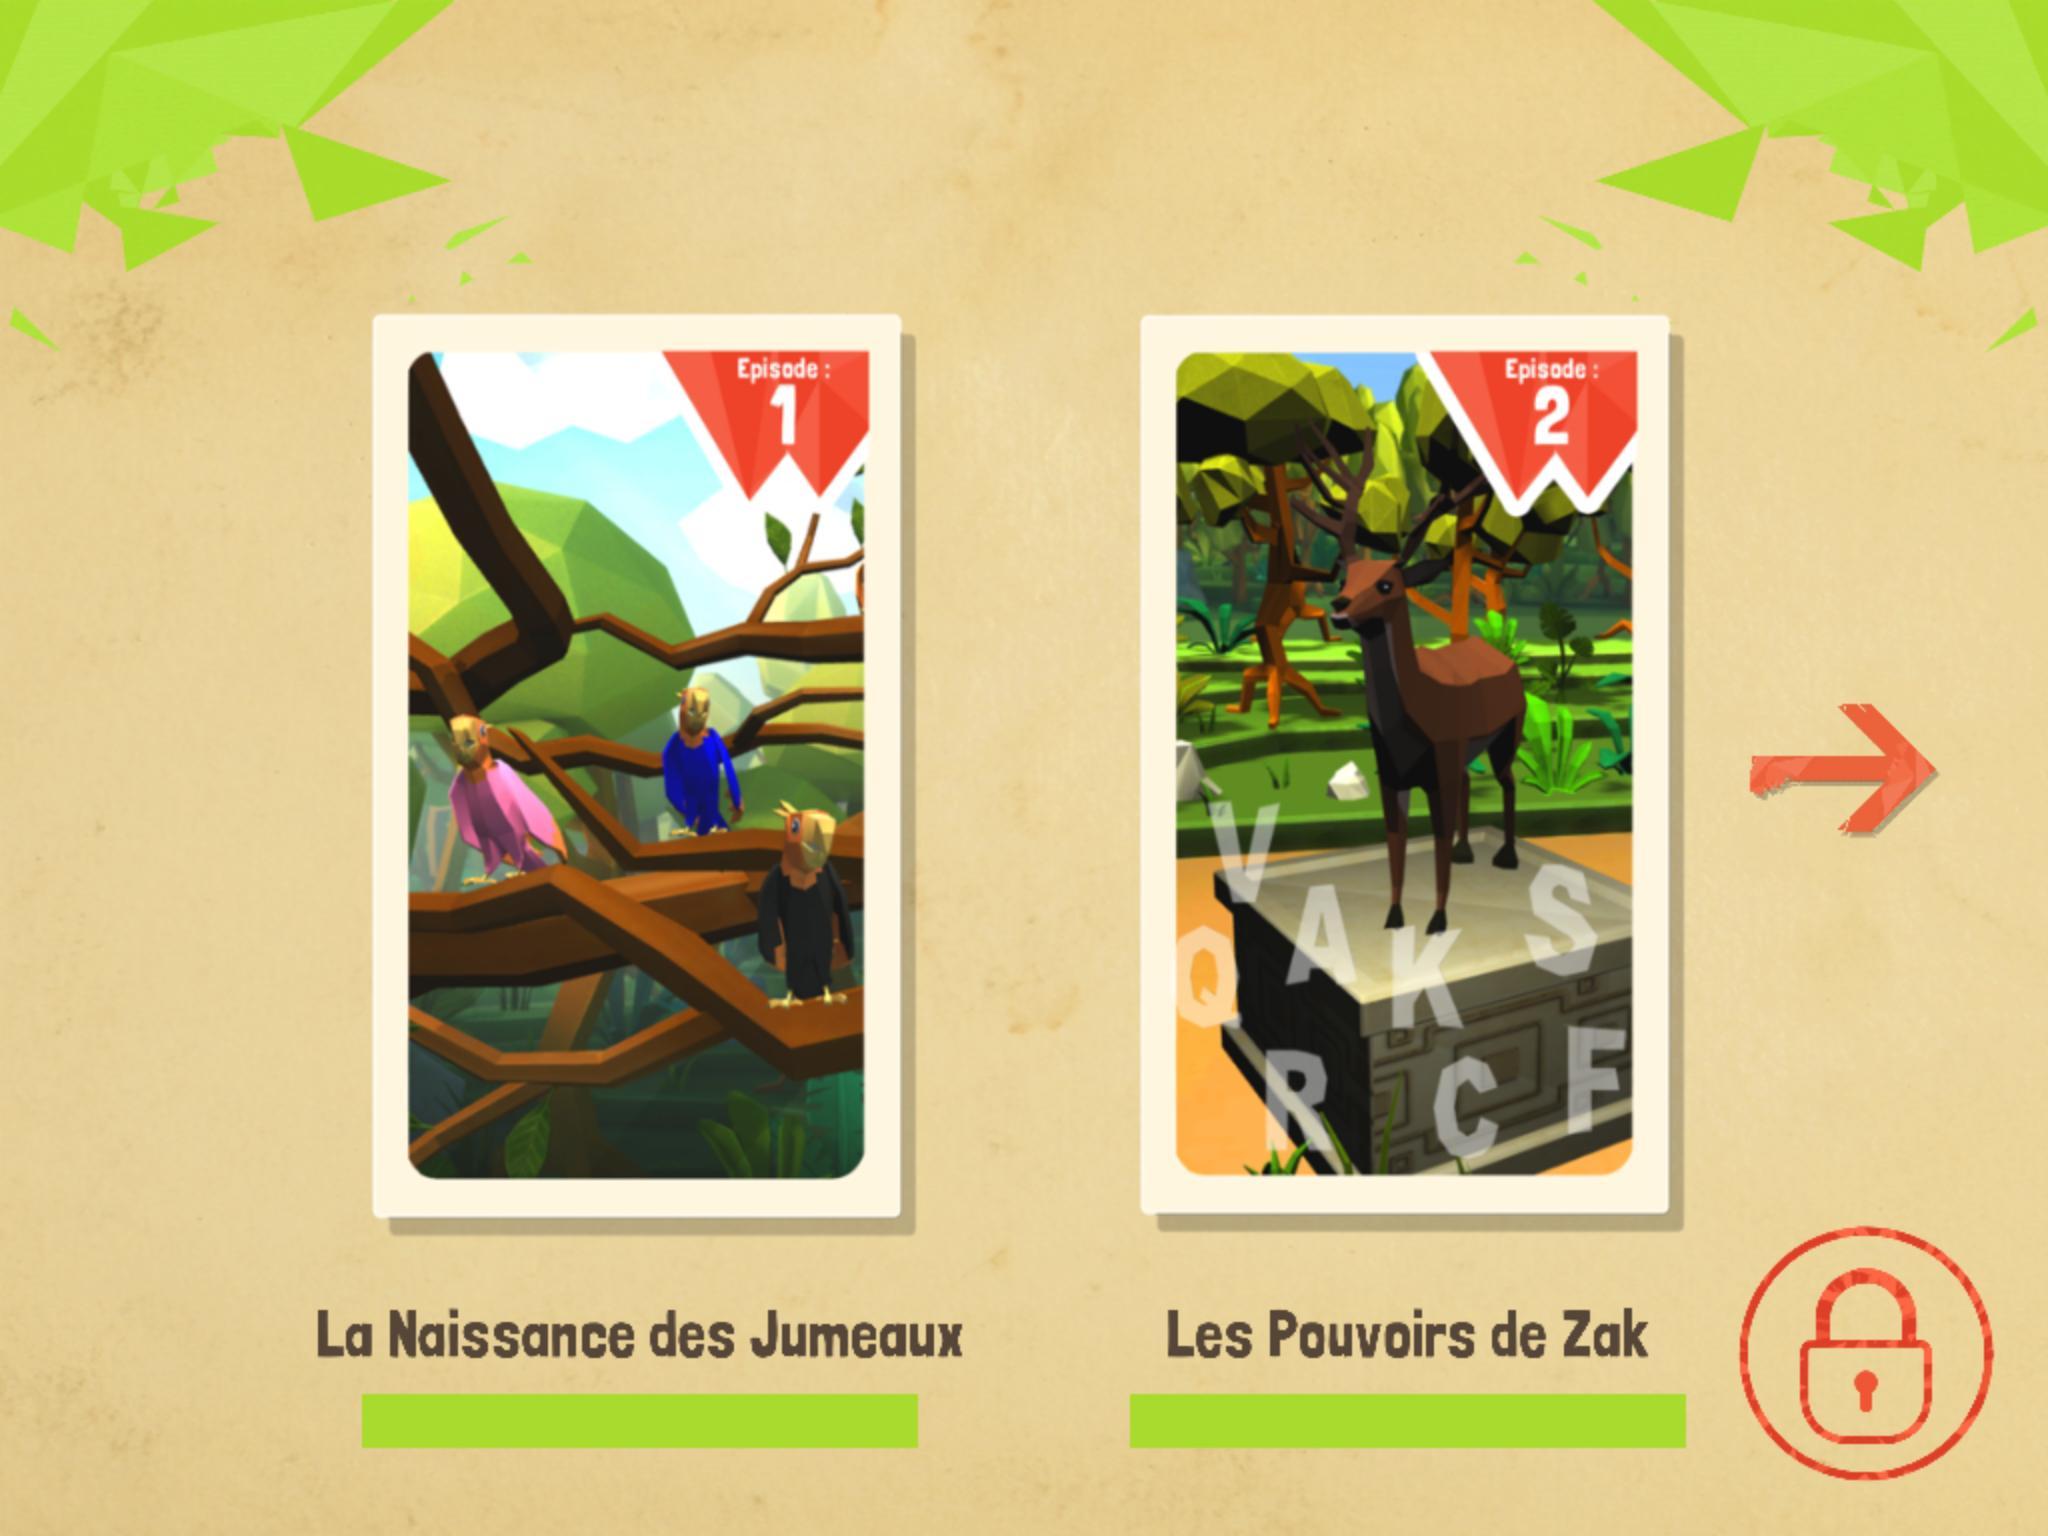 Jeu Maternelle Gratuit : Pokolpok For Android - Apk Download dedans Jeux Didactiques Maternelle